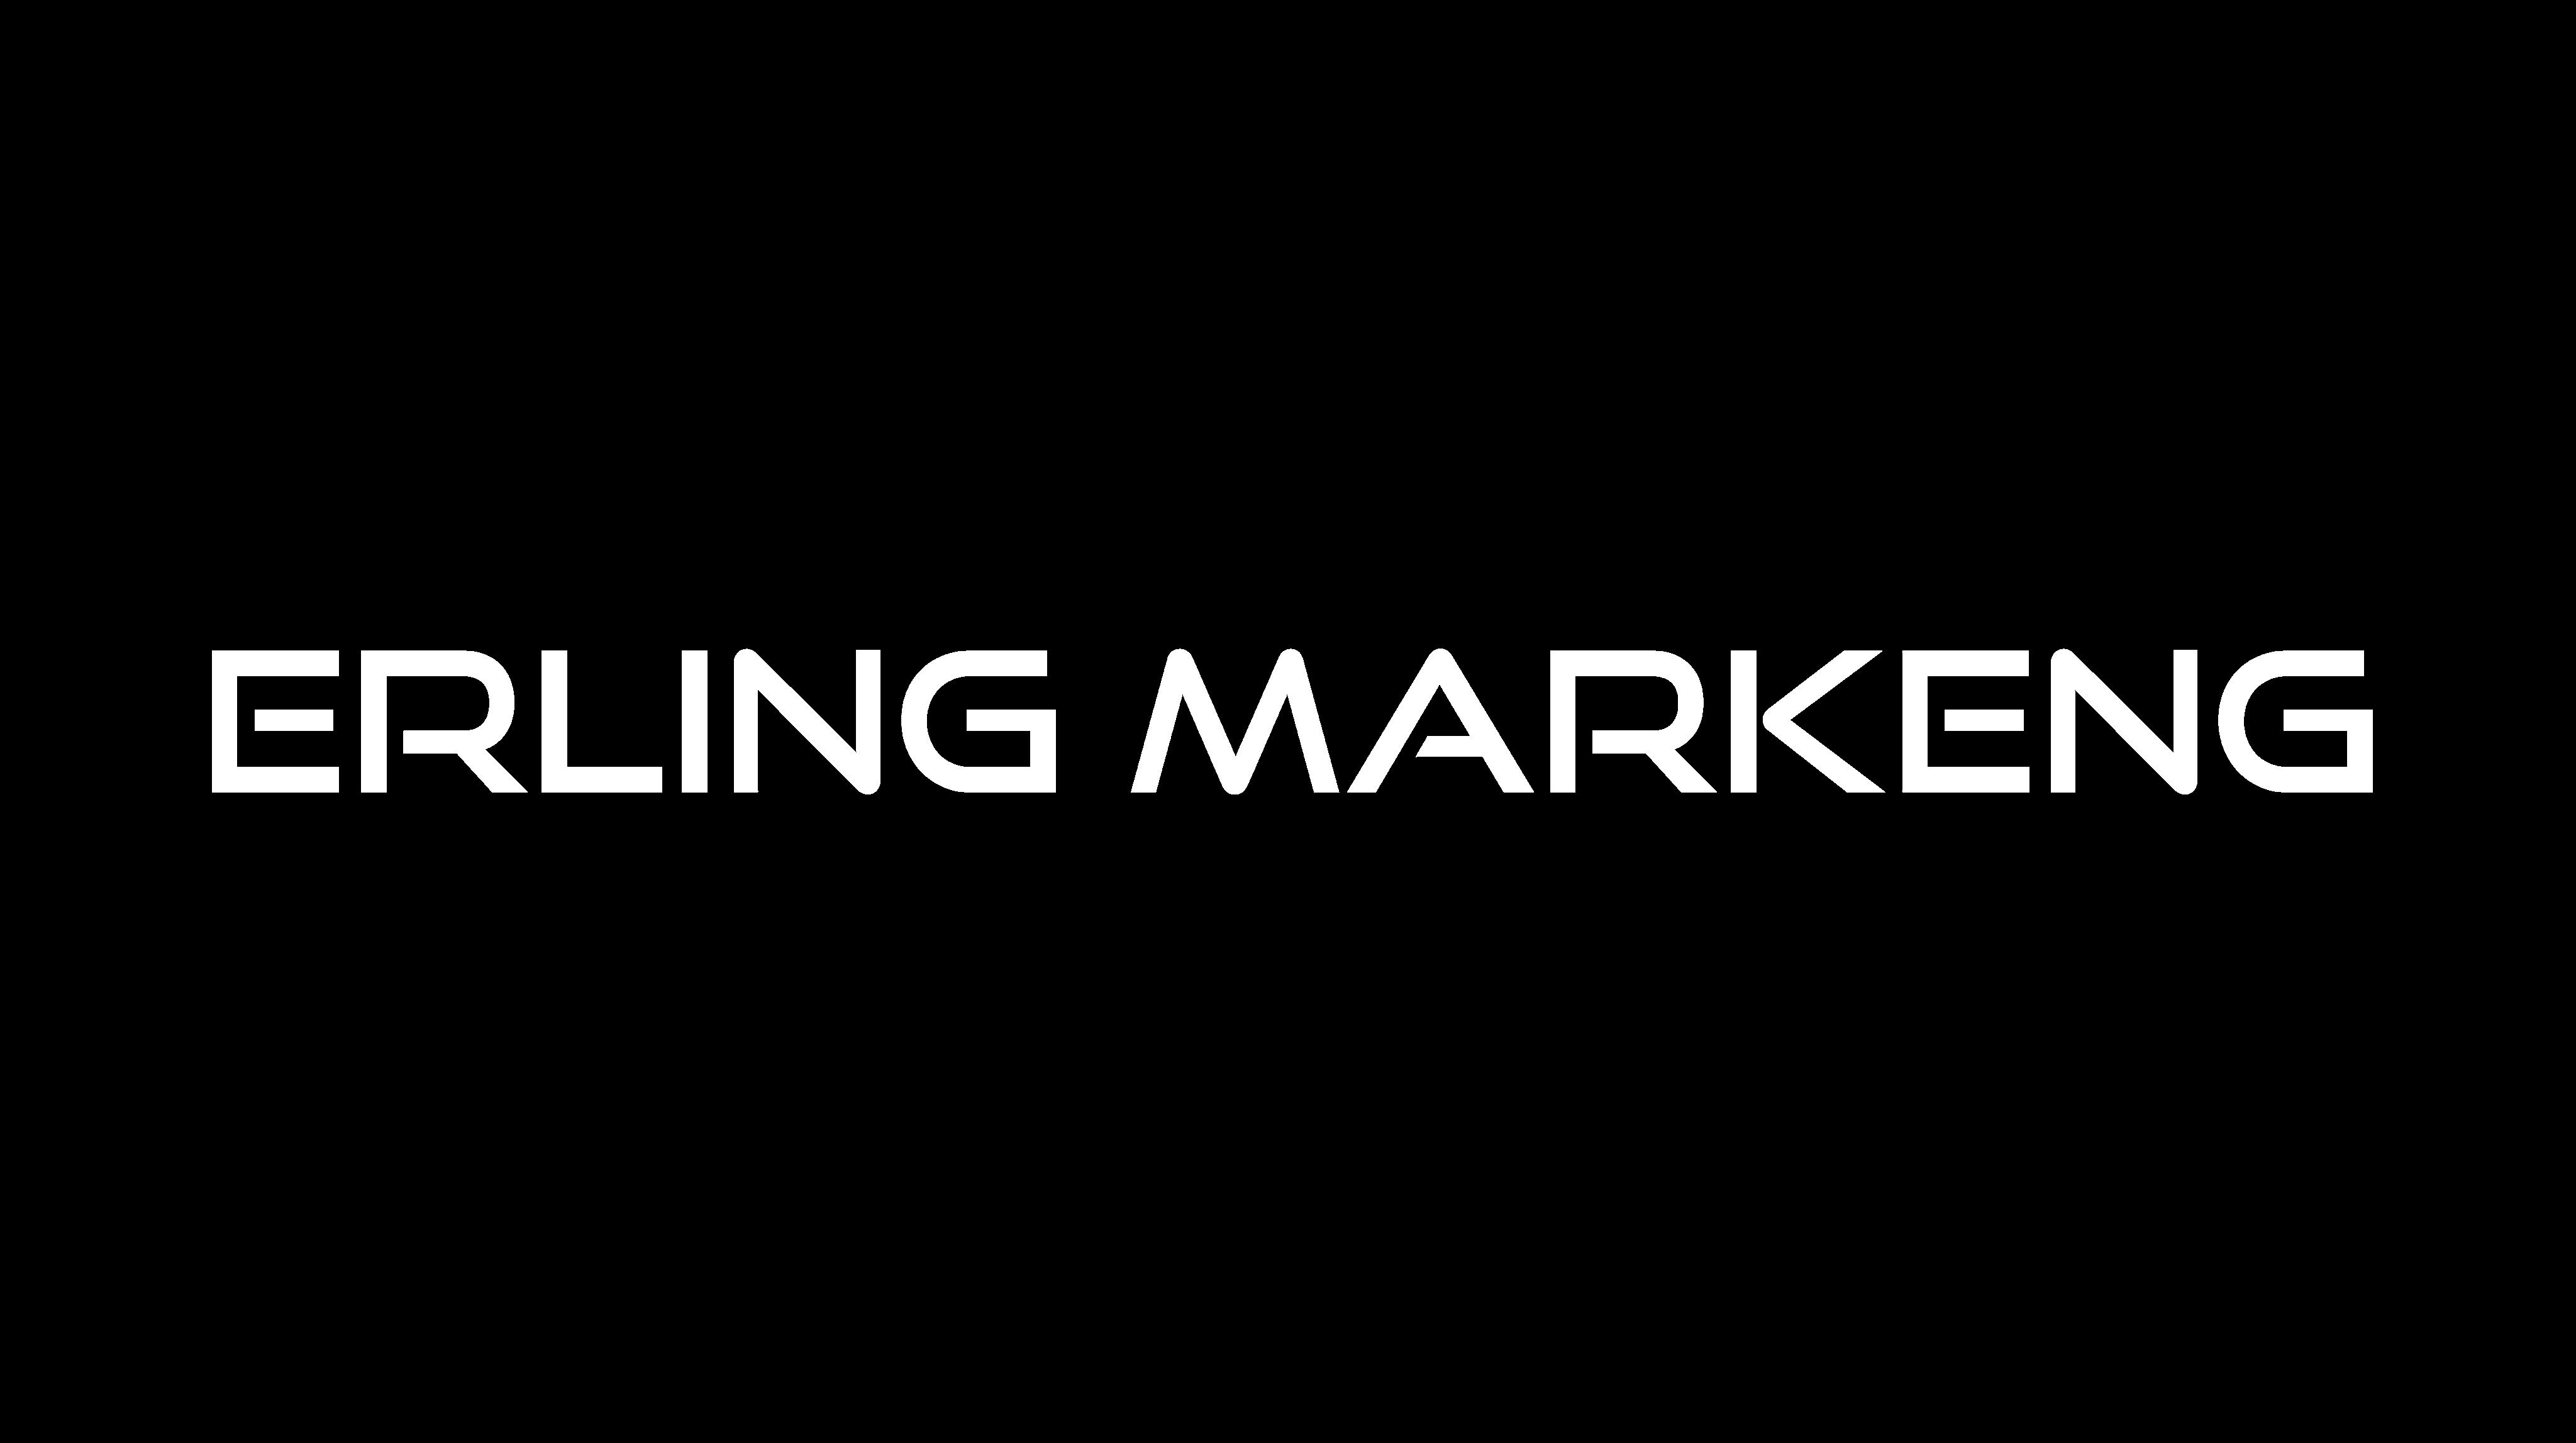 Erling Markeng